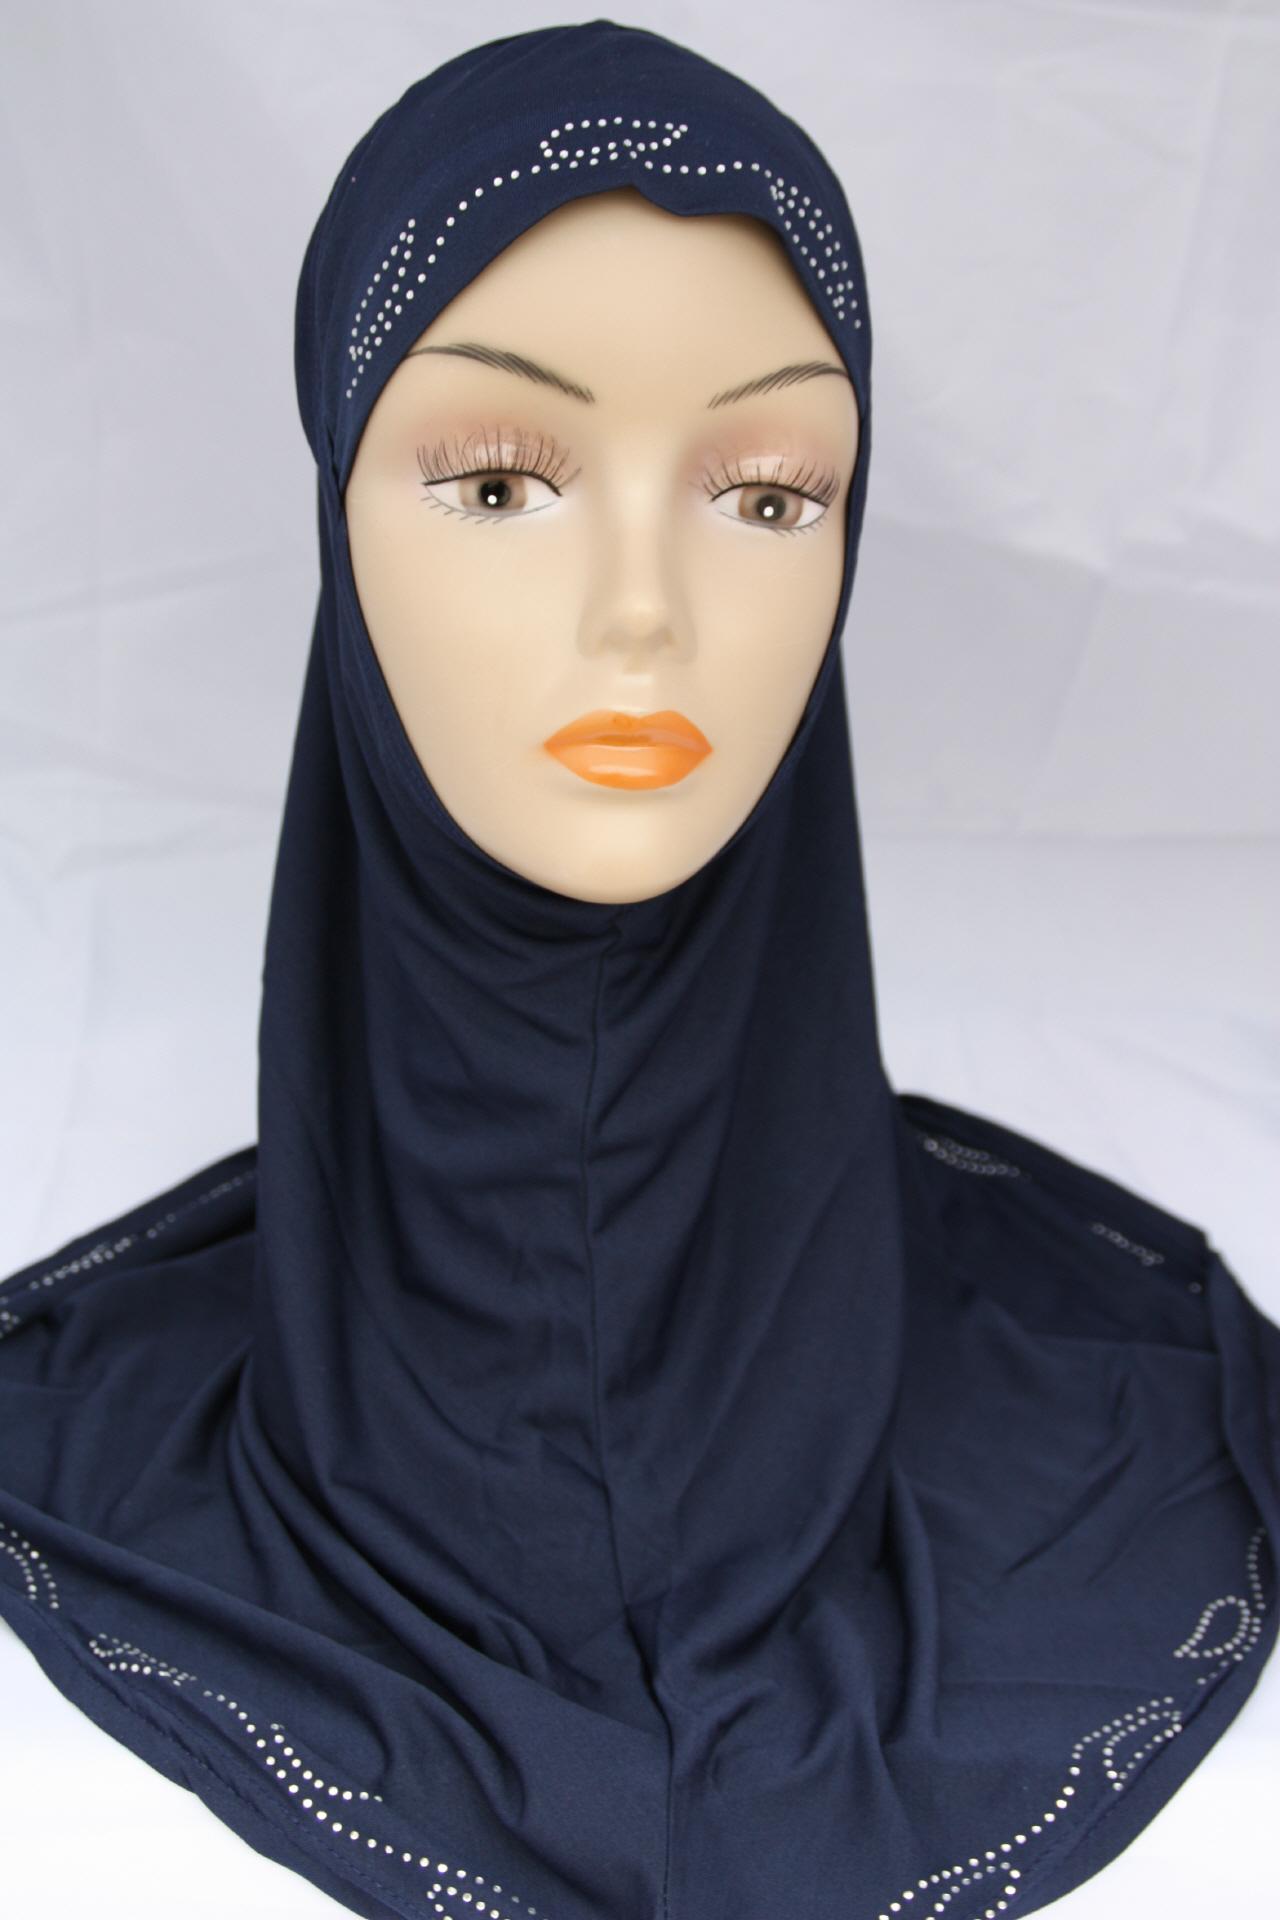 Einteiliges Kopftuch - Hijab - Kopftücher - online kaufen